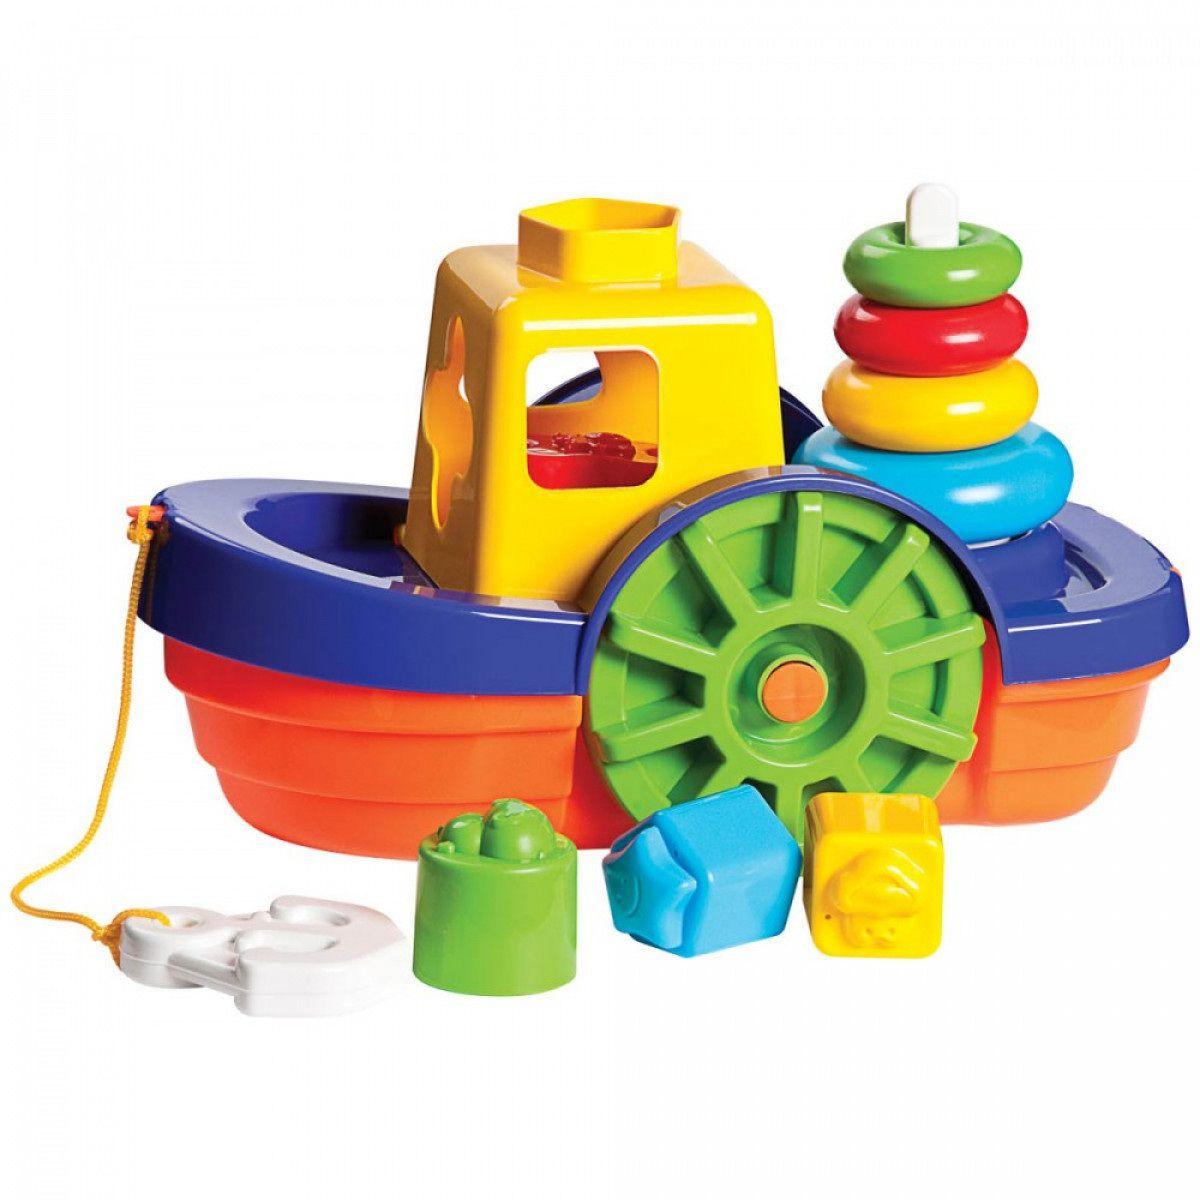 Barco Baby Didático Sortidos - Mercotoys Brinquedos